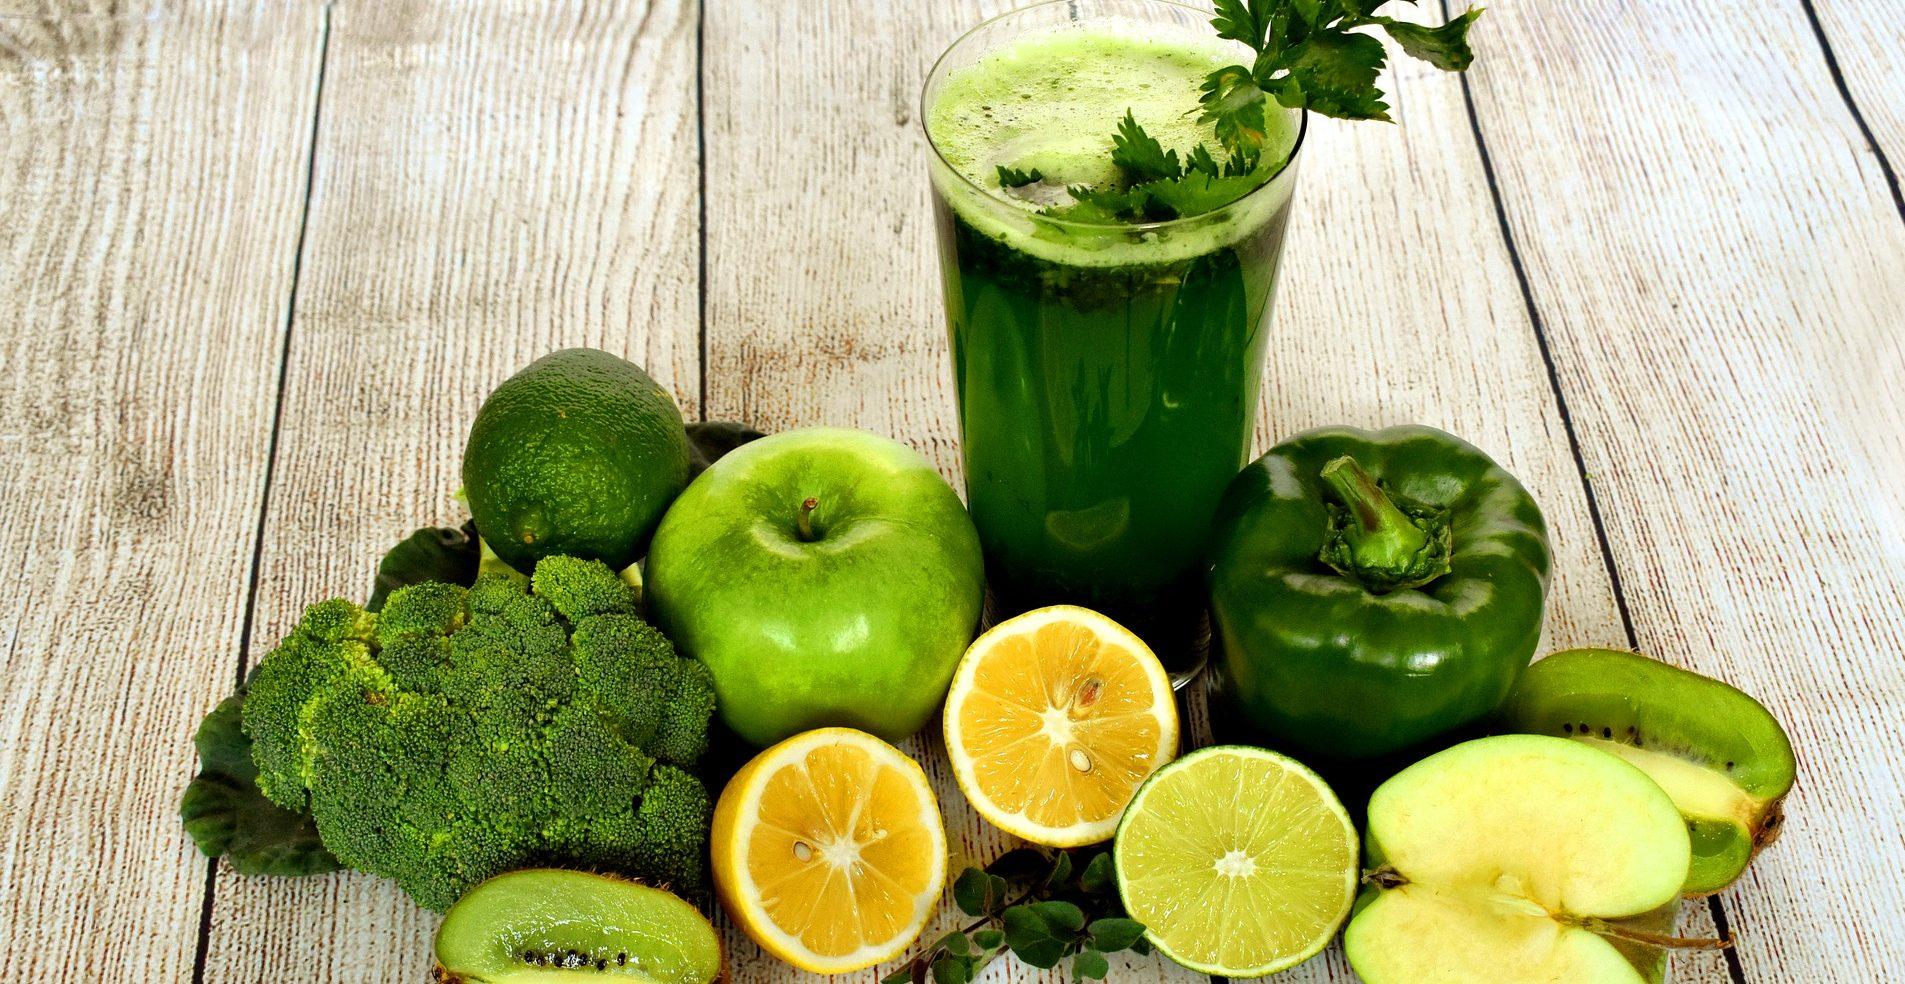 gyümölcsök és zöldségek ízületi fájdalmak kezelésére ízületi fájdalom jelei